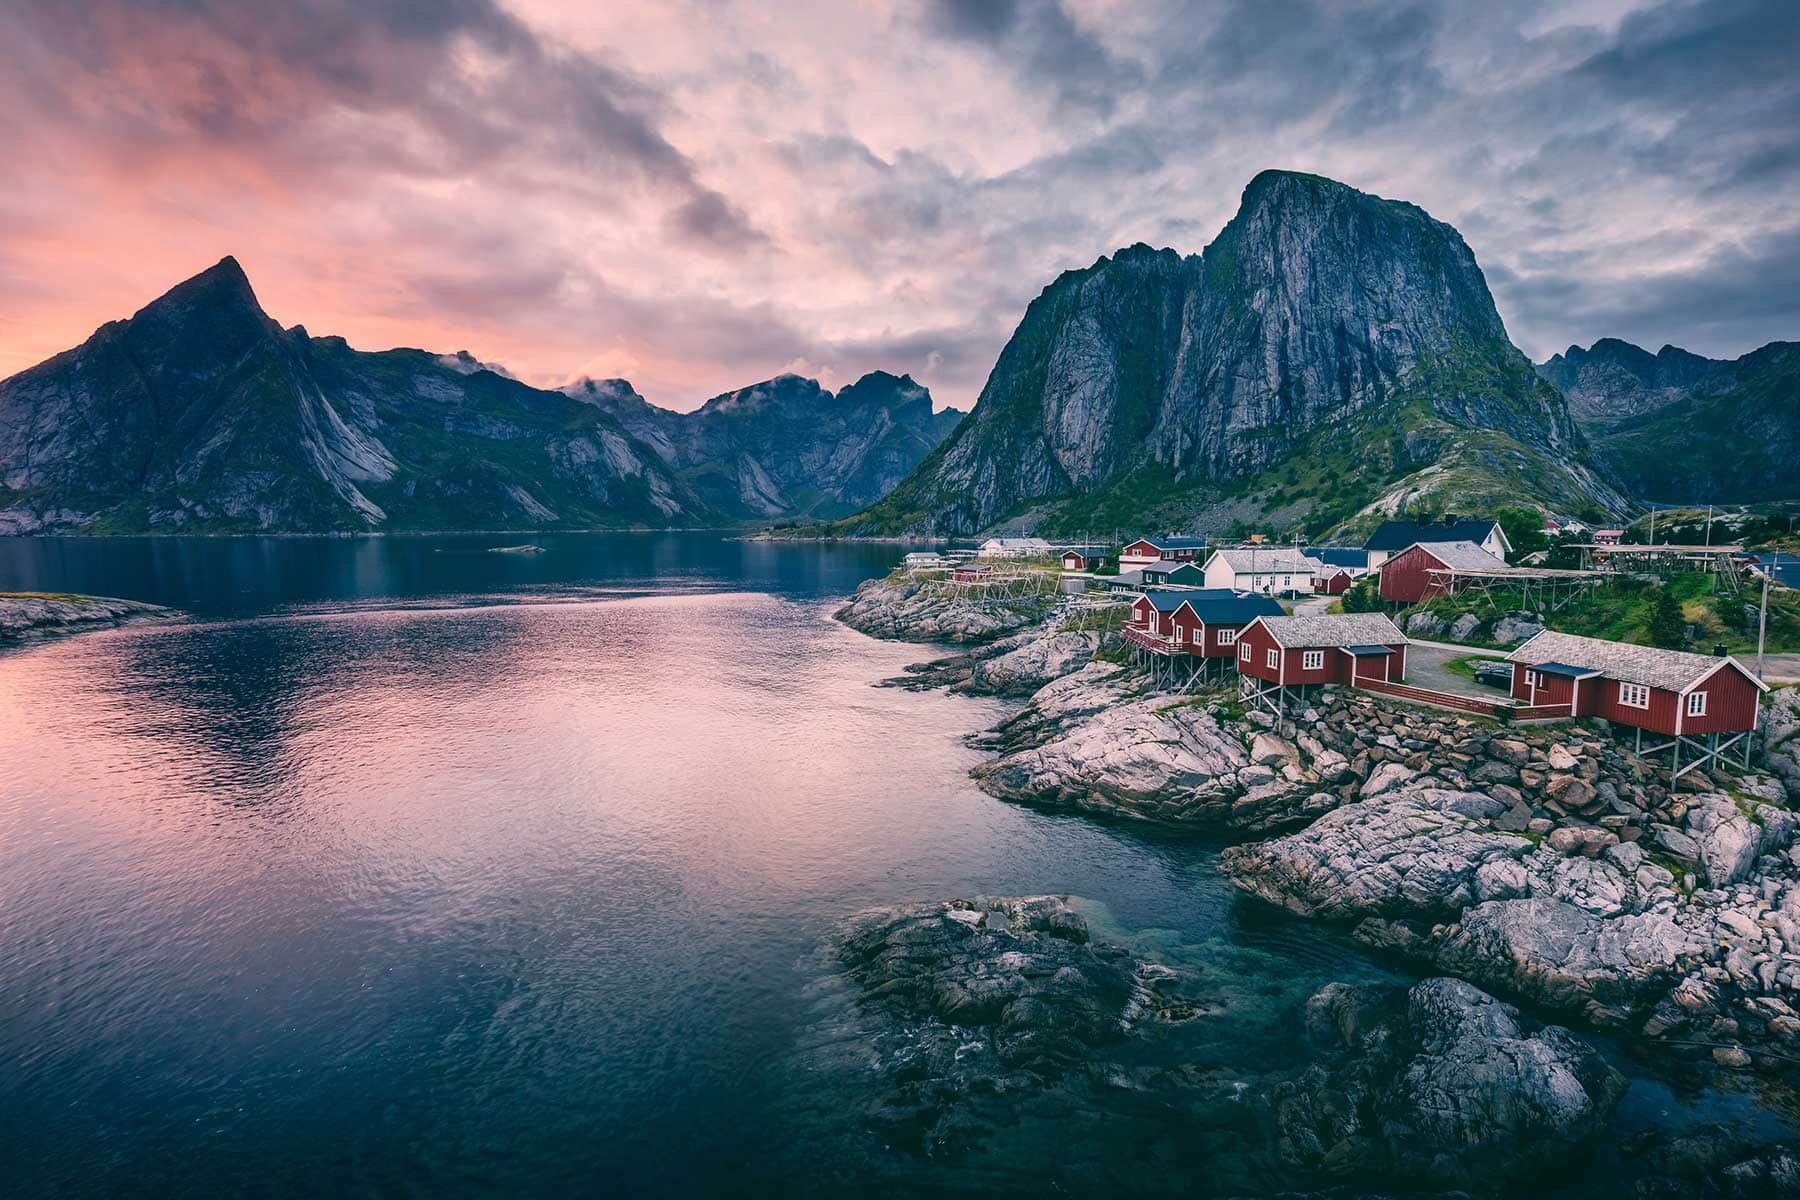 Resor-till-Lofoten-i-Norge---hus-vid-klippan--Nygren-Lind-Resebyrå